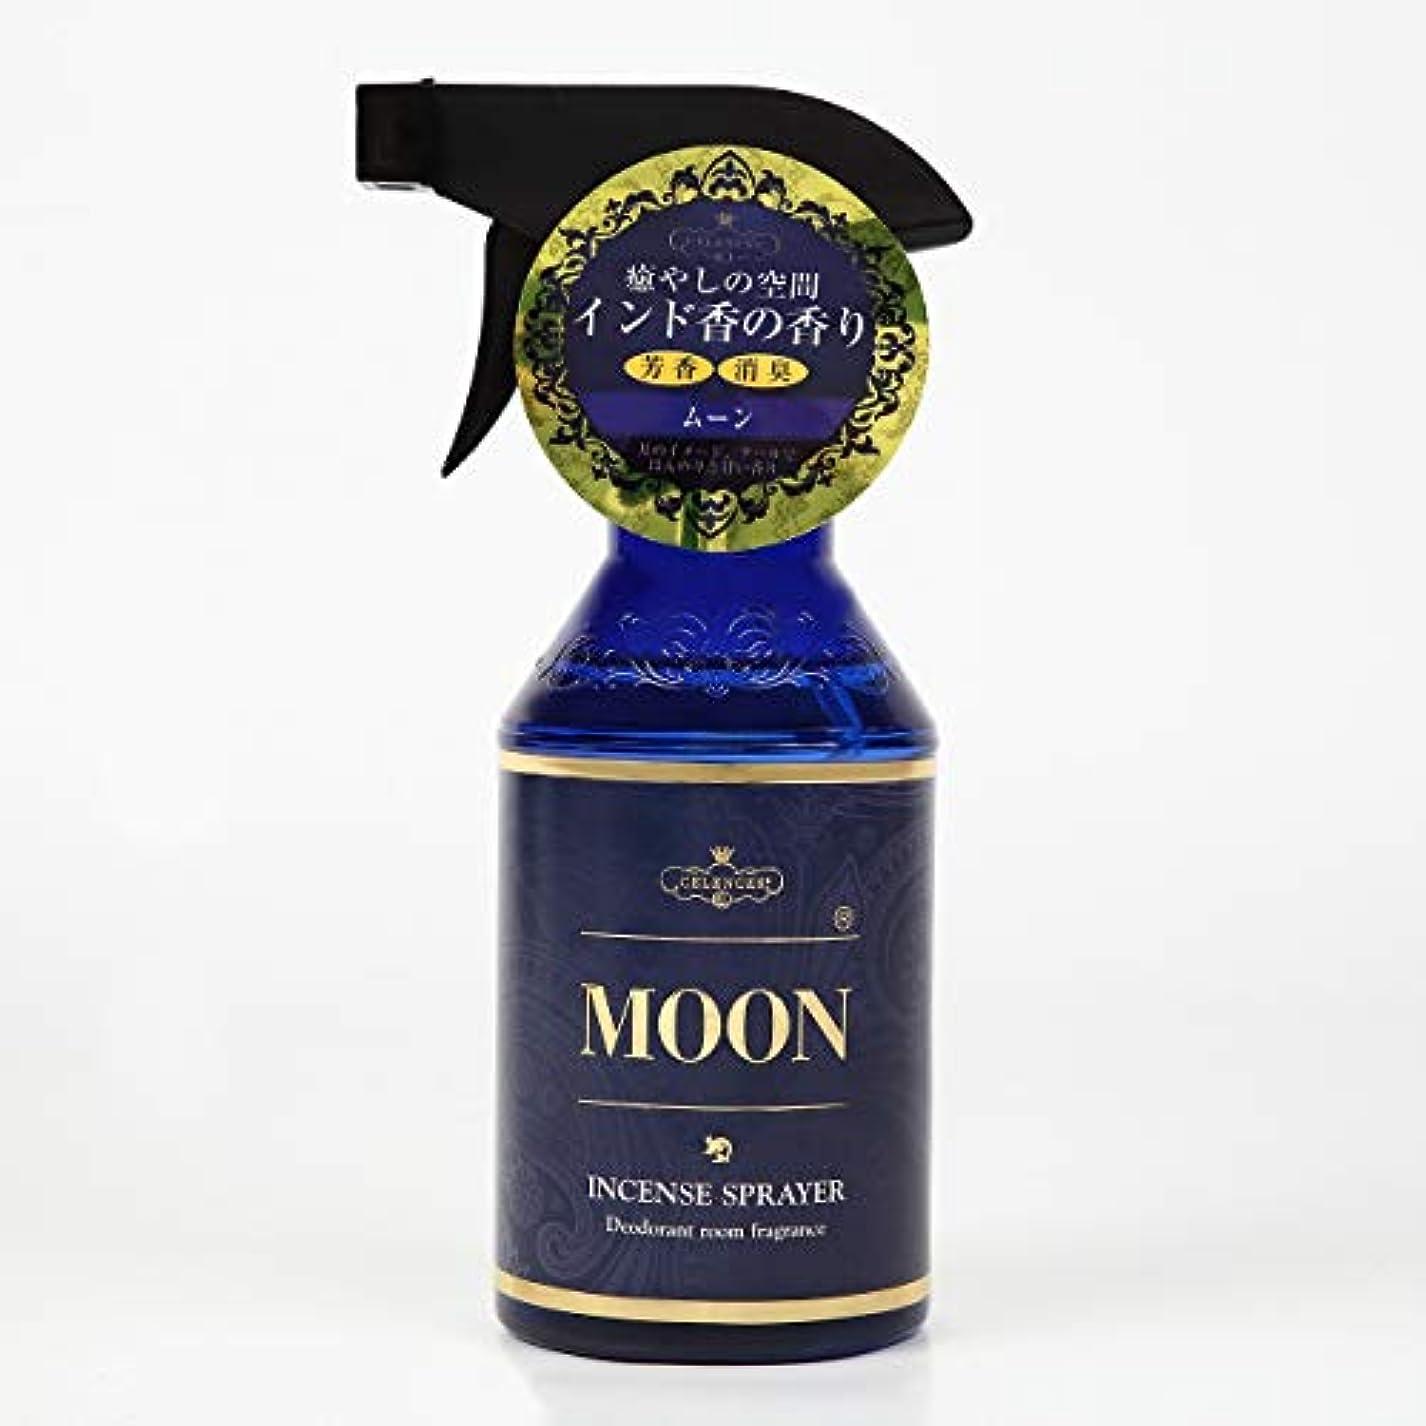 導入する虫請うお香の香りの芳香剤 セレンスフレグランスルームスプレー (ムーン)